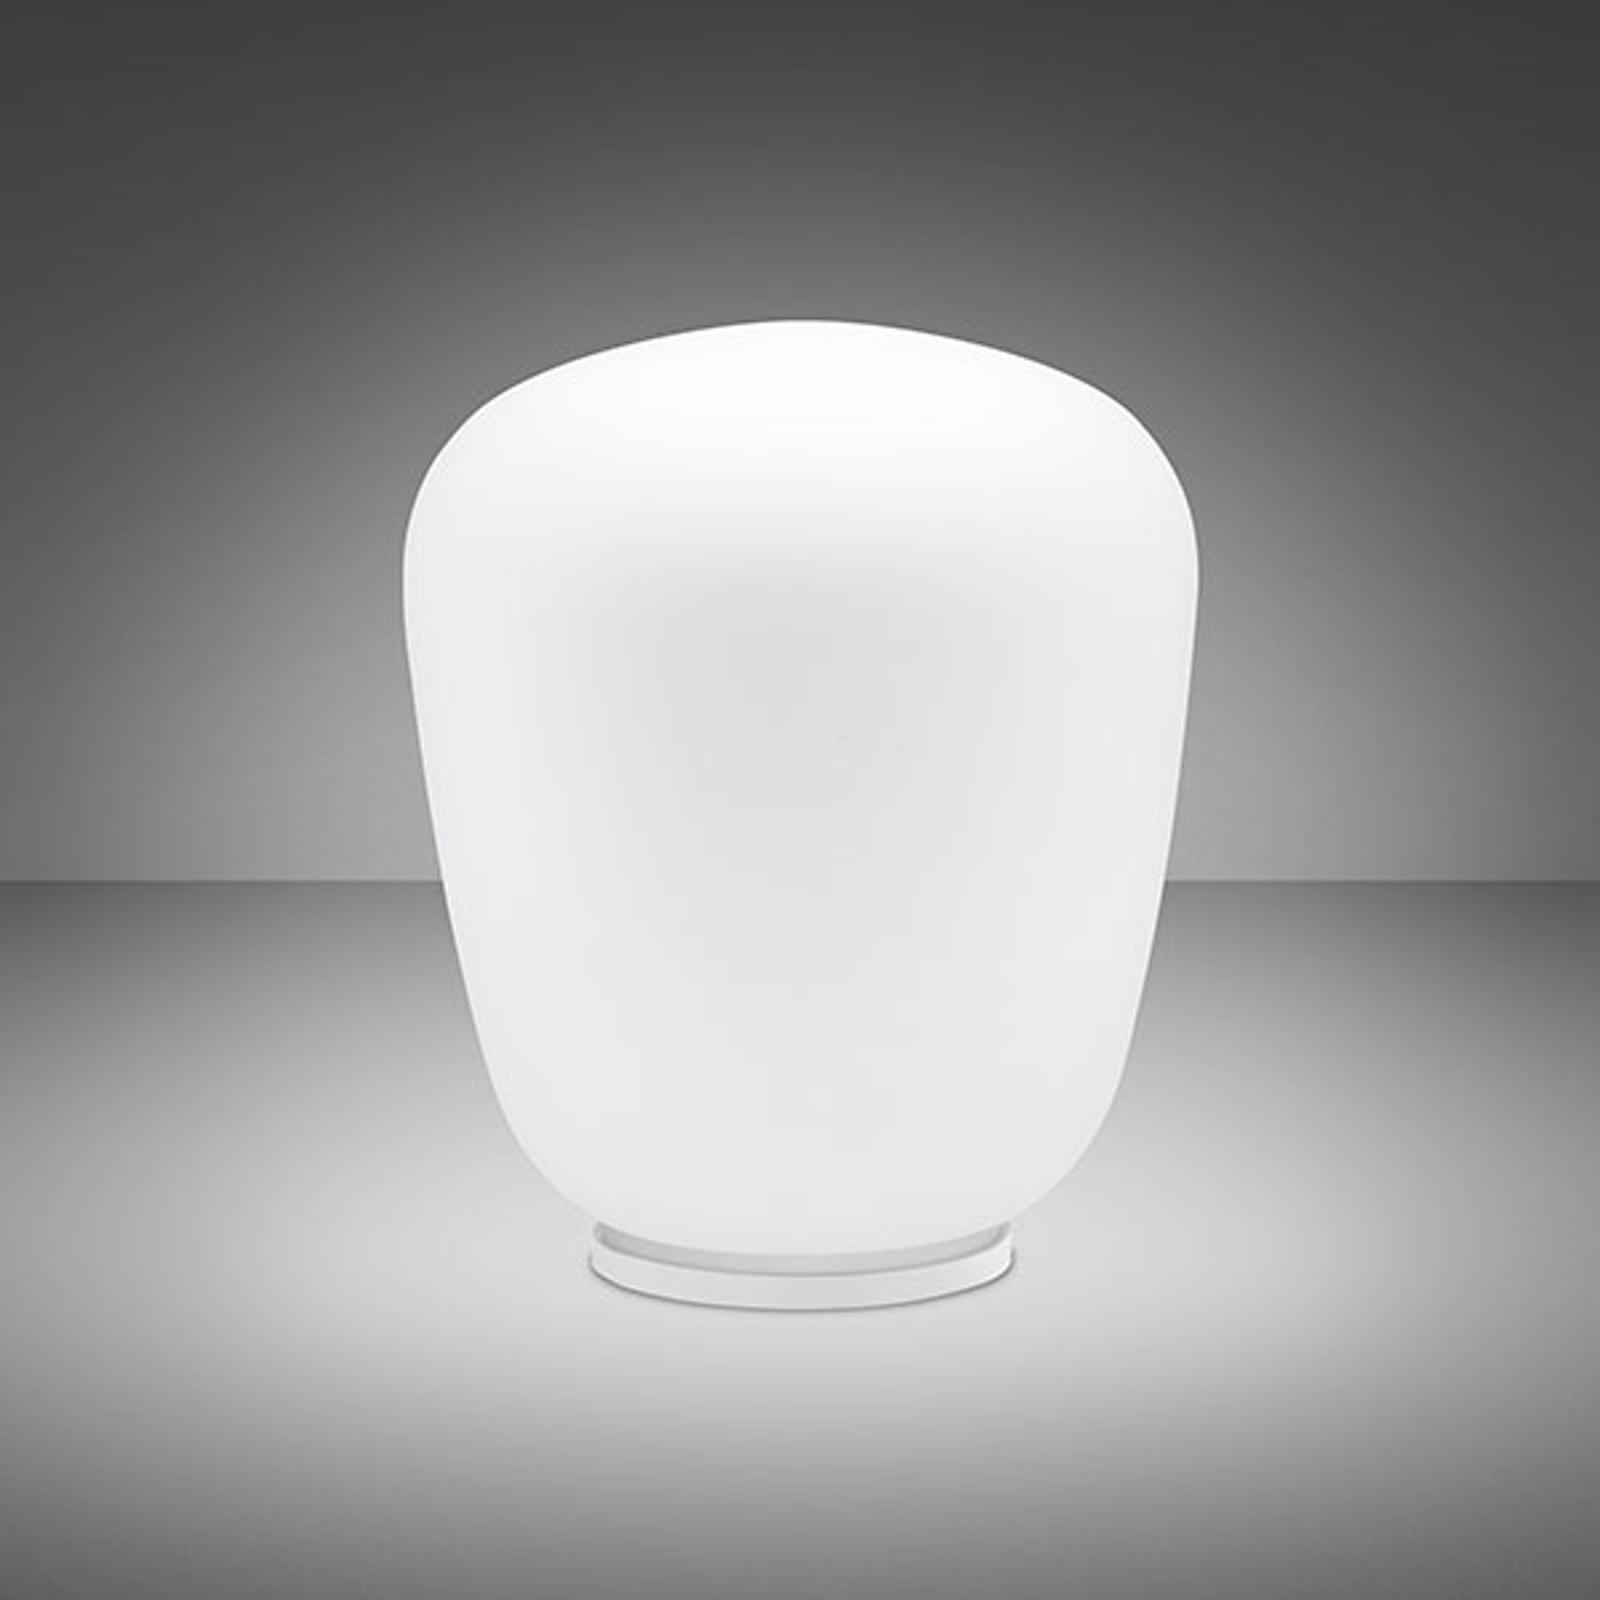 Fabbian Lumi Baka tafellamp, Ø 33 cm